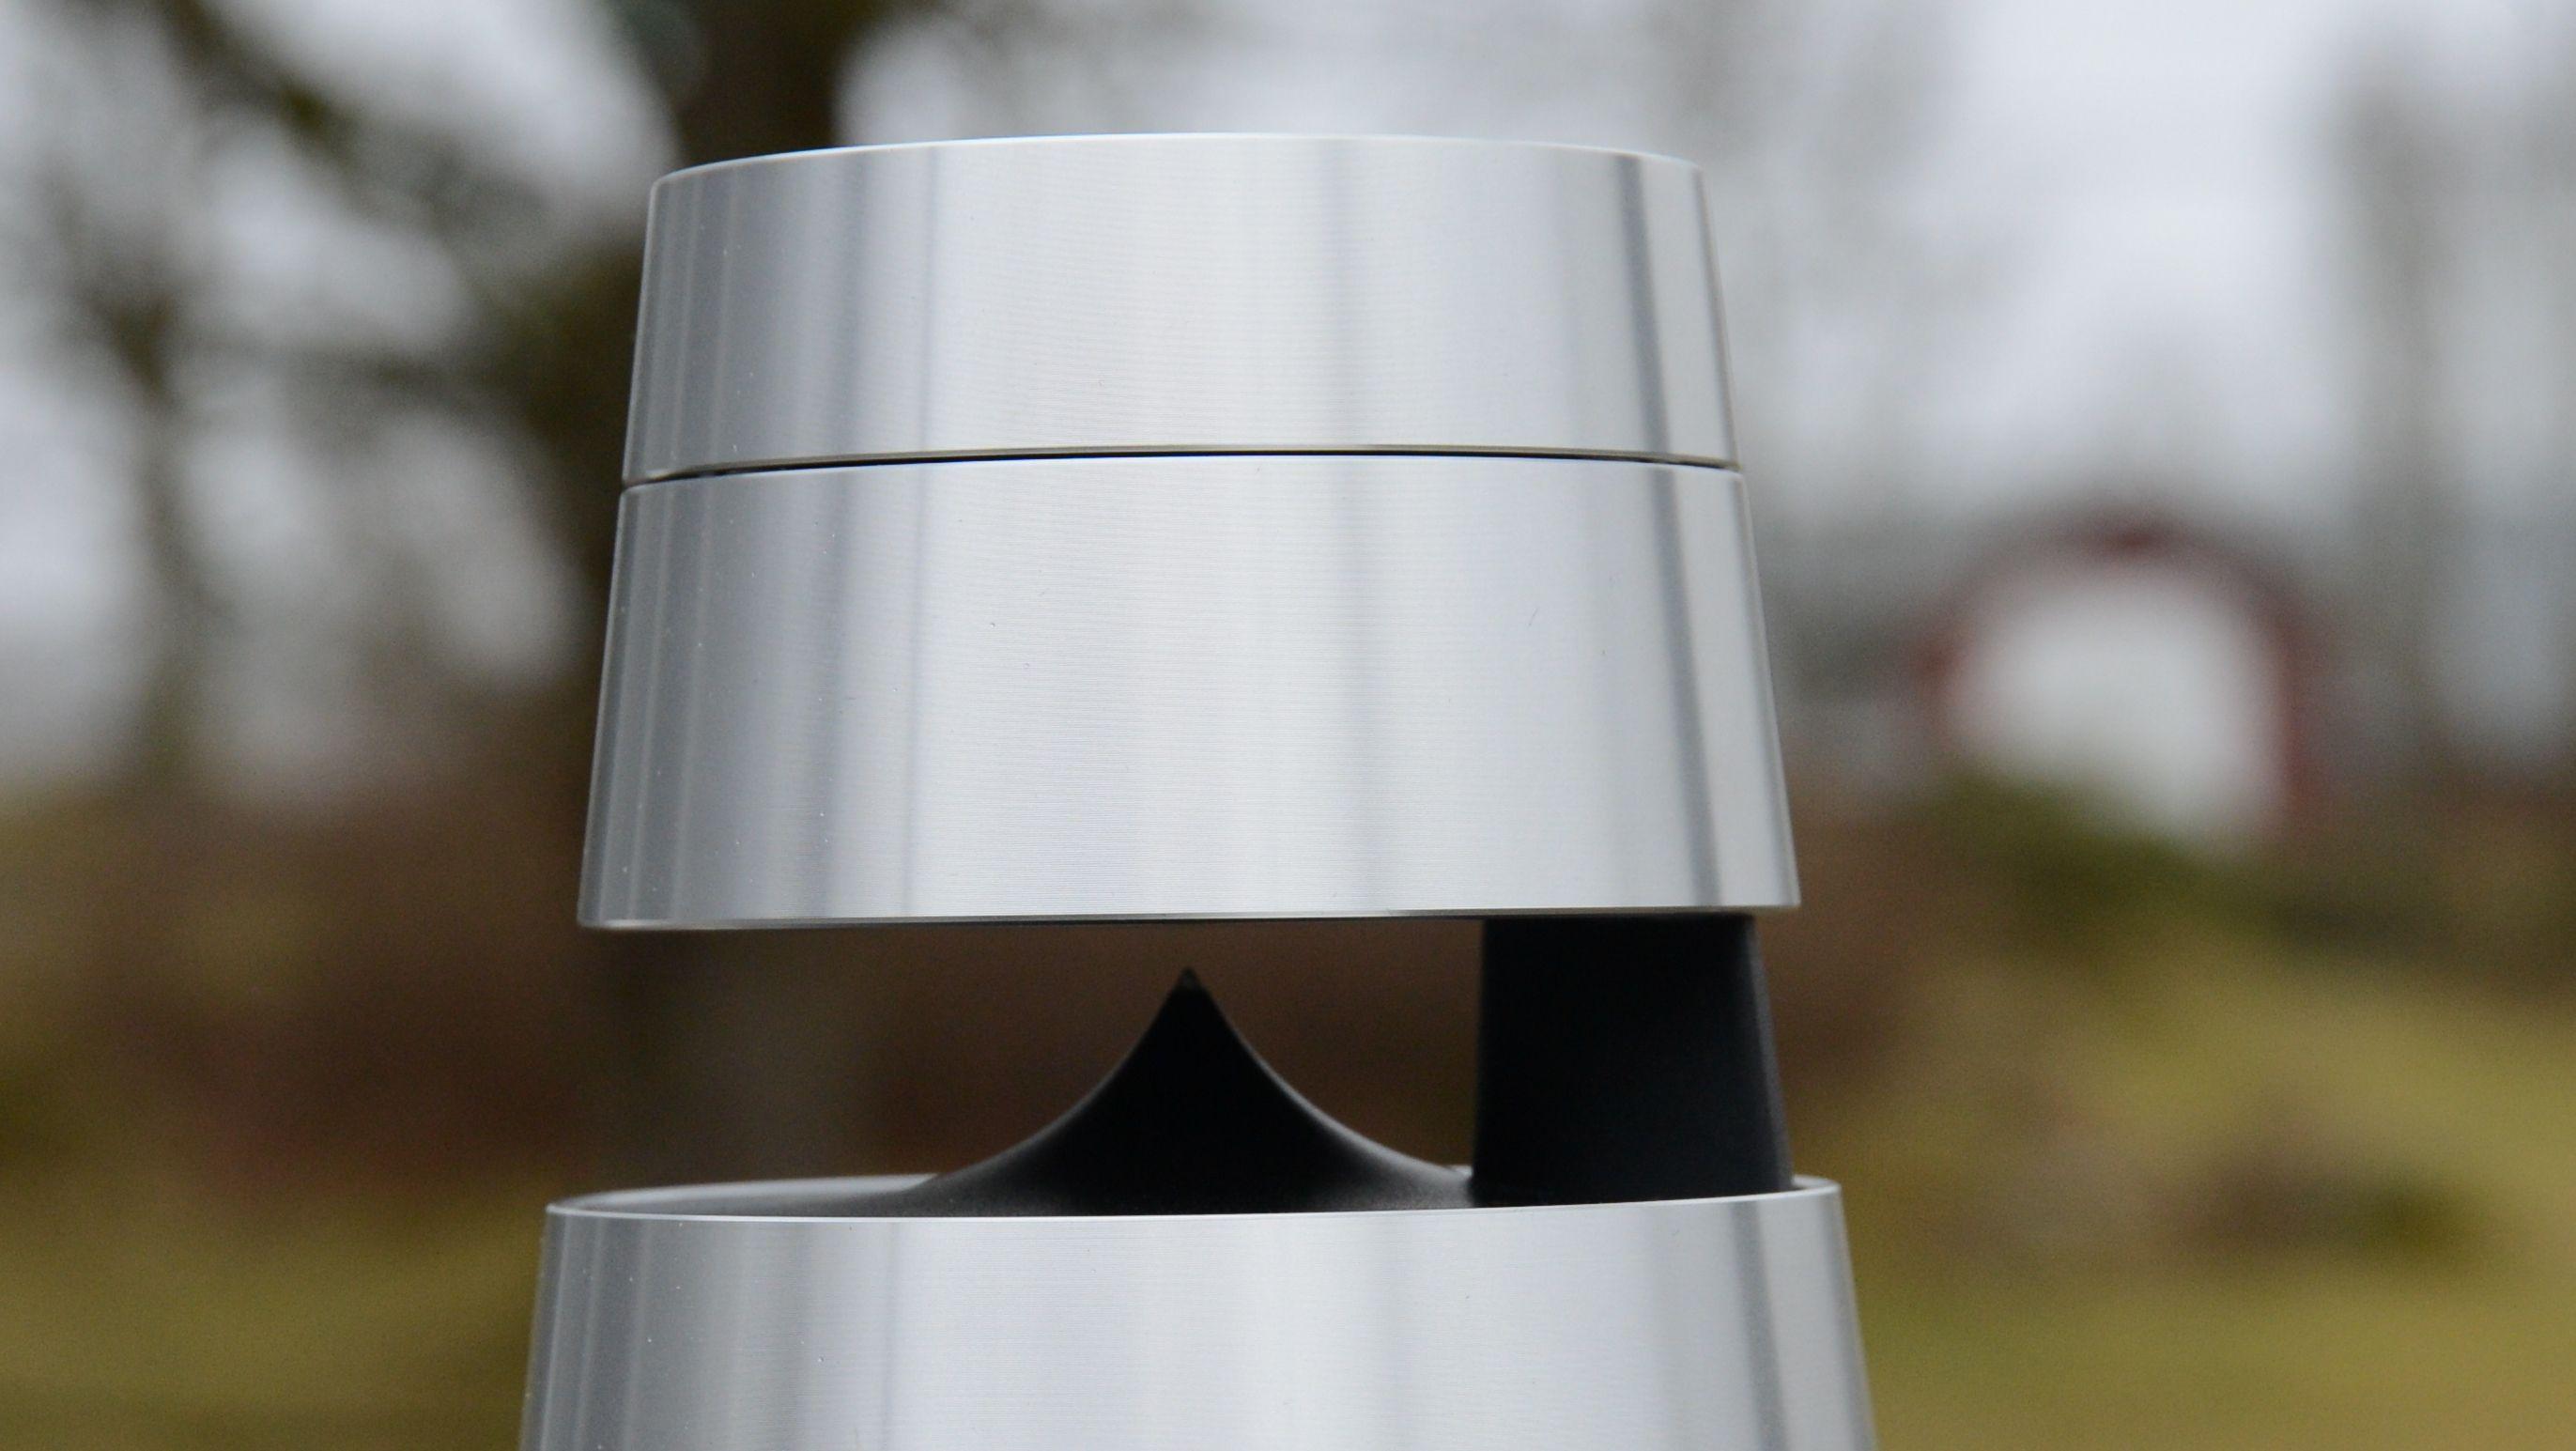 Den øvre delen er festet til resten av høyttaleren med en robust overgang. Den øverste ringen er dessuten volum-kontrollen på enheten.